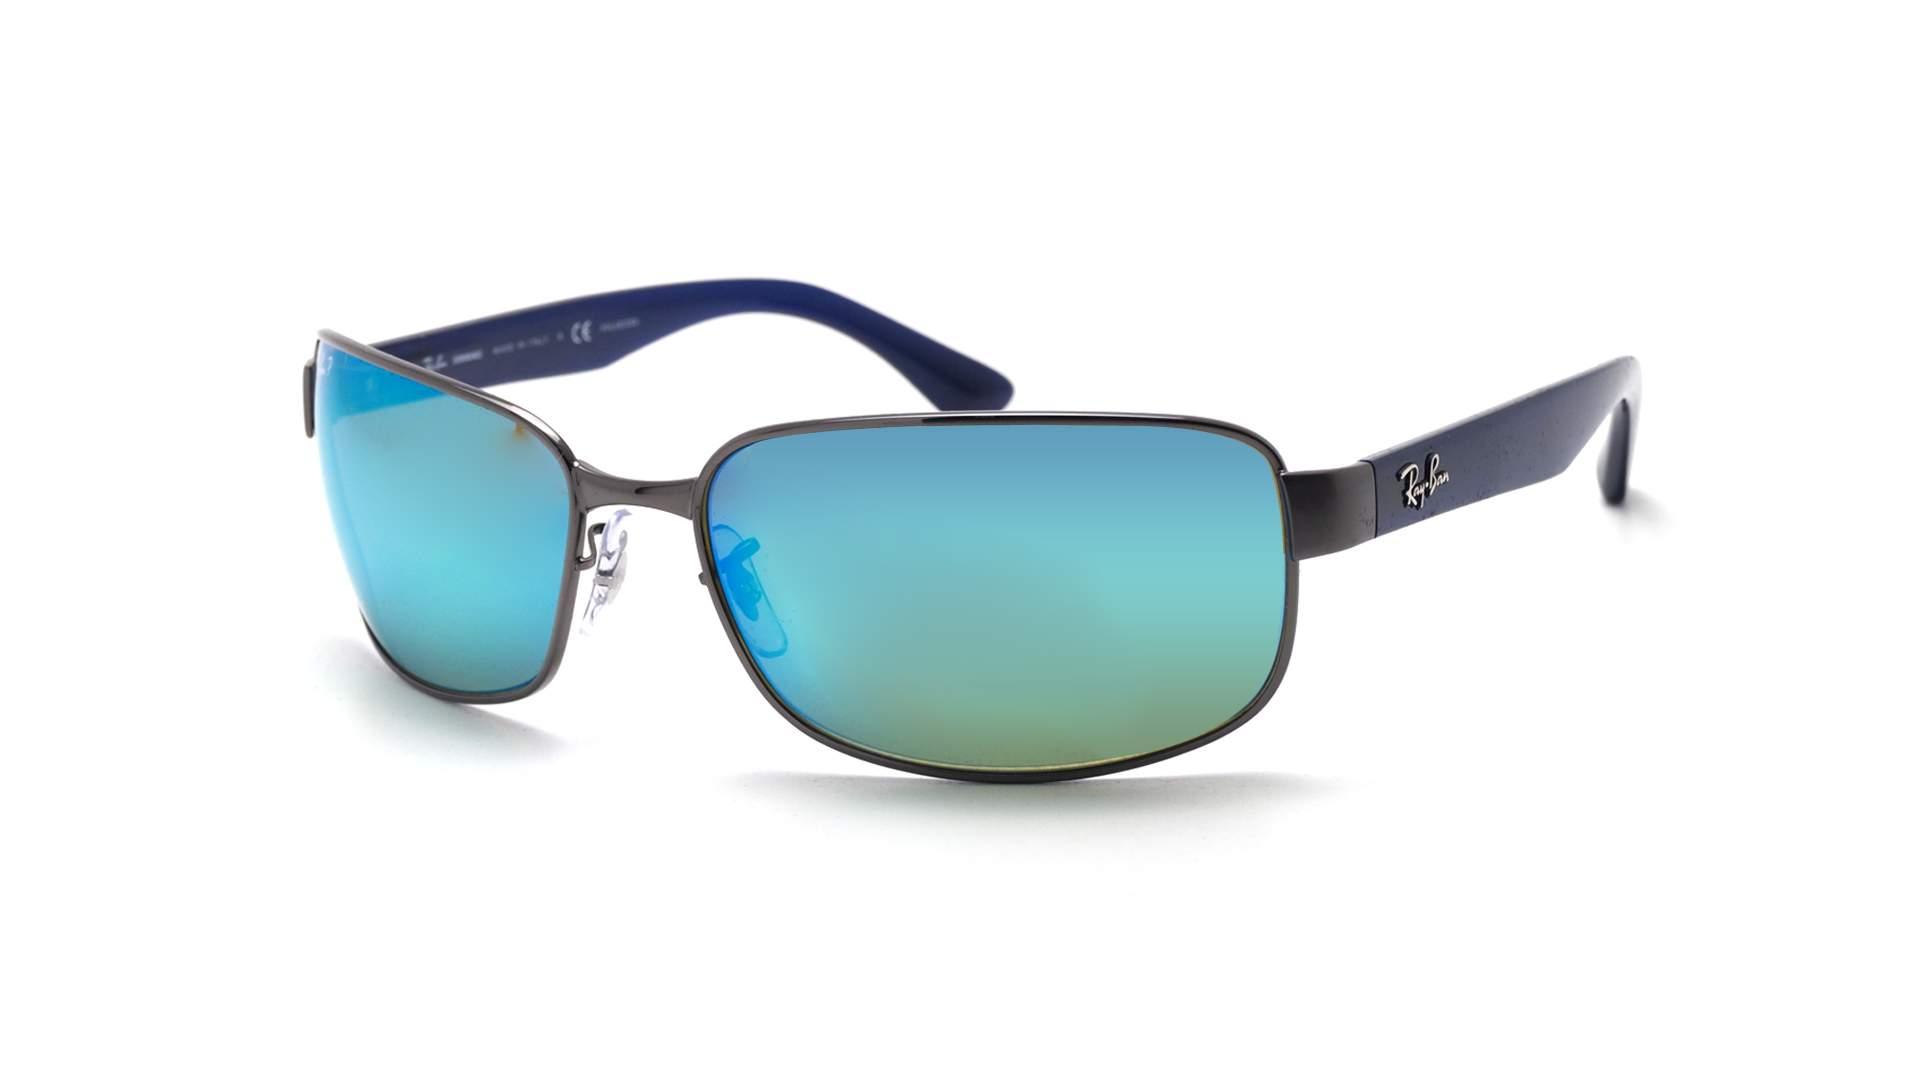 deaeba56dd11bb Sonnenbrillen Ray-Ban RB3566CH 004/A1 65-17 Blau Chromance Breit  Polarisierte Gläser Verspiegelte Gläser